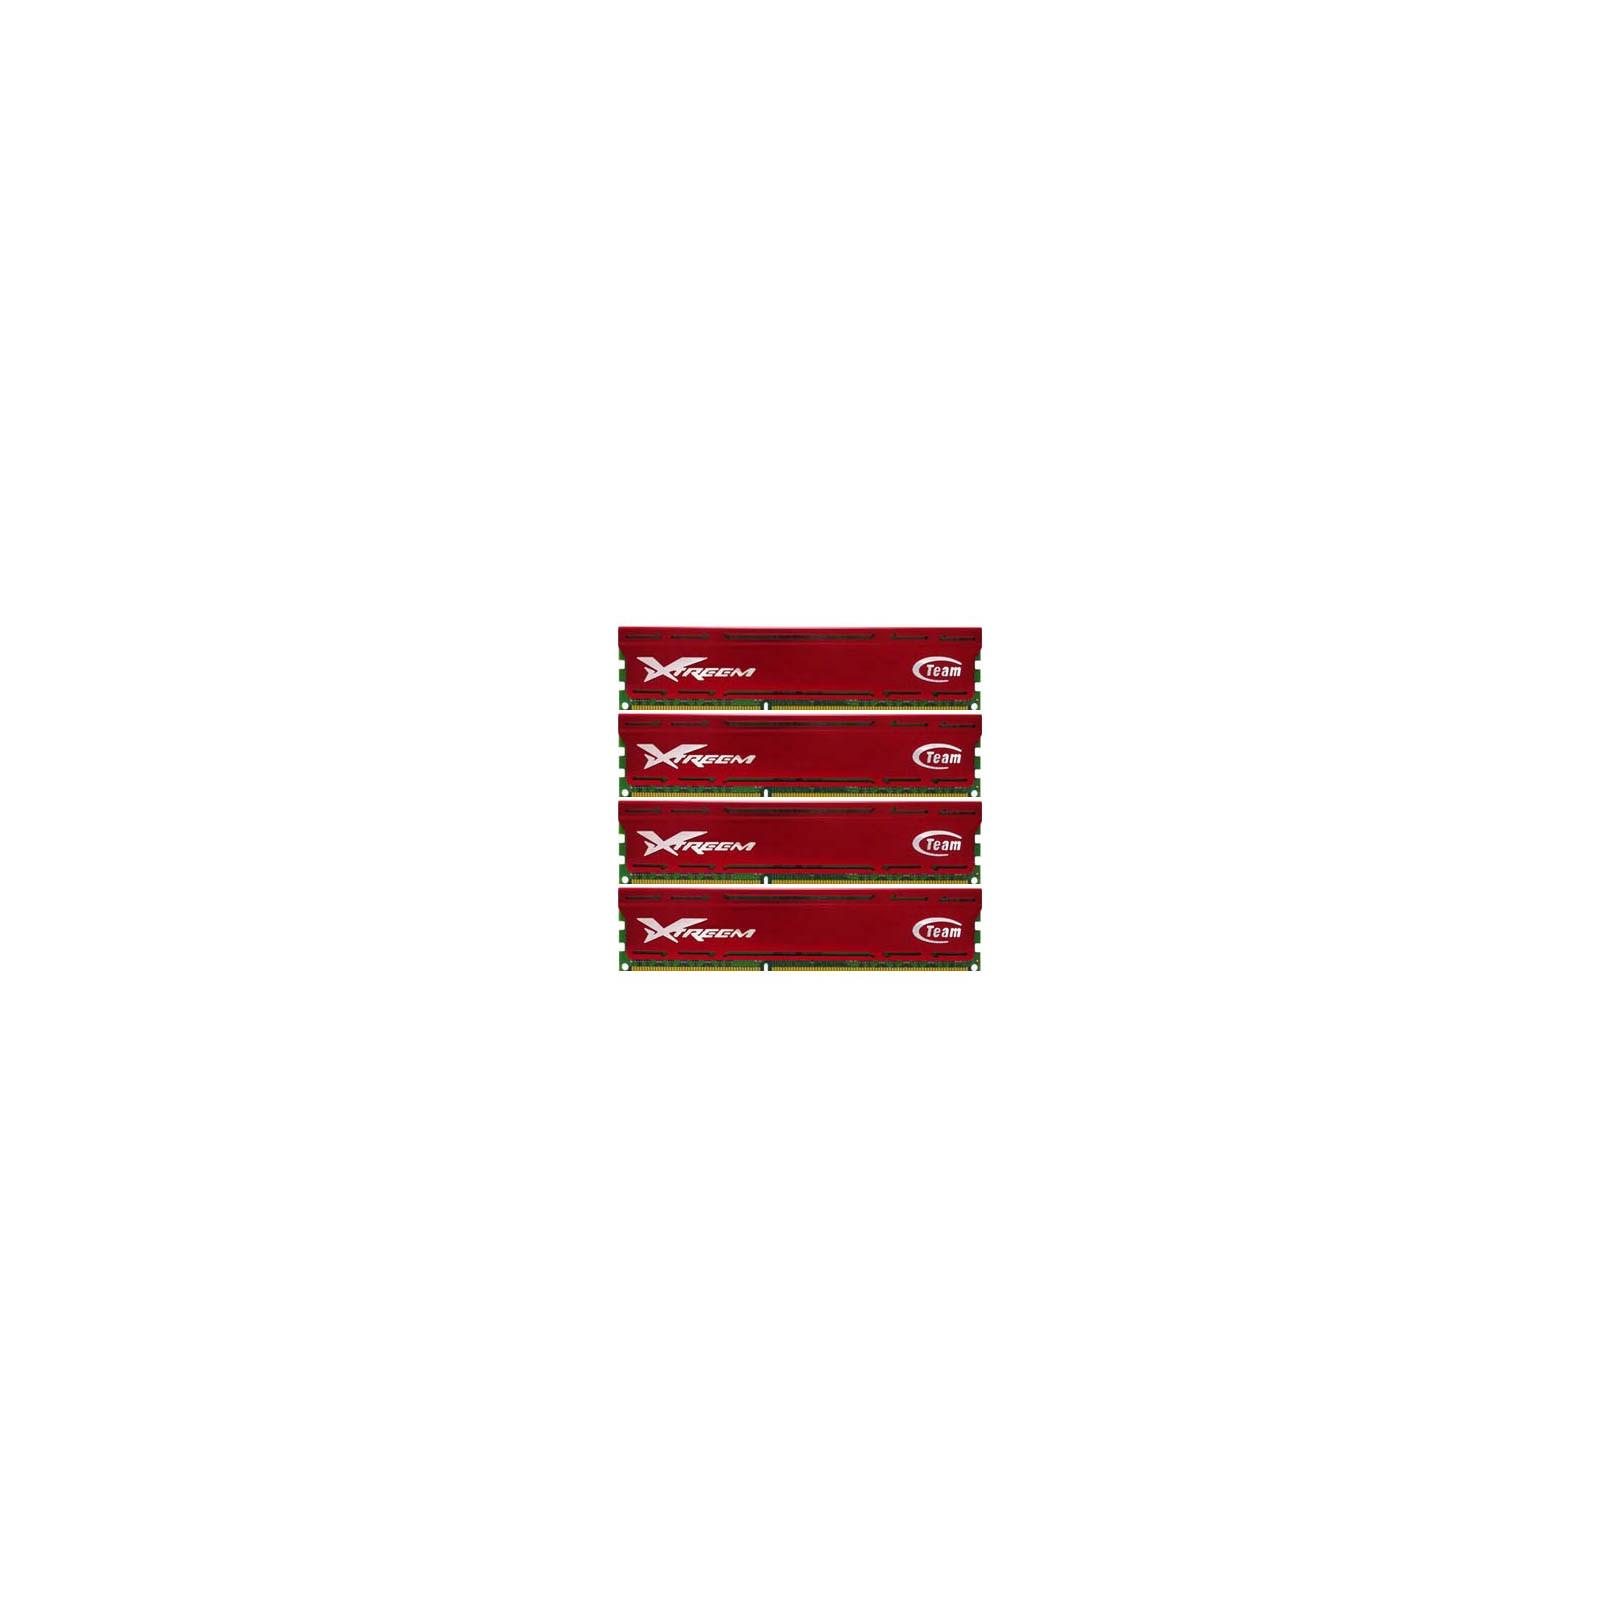 Модуль памяти для компьютера DDR3 16GB (4x4GB) 2133 MHz Team (TLD316G2133HC11AQC01)